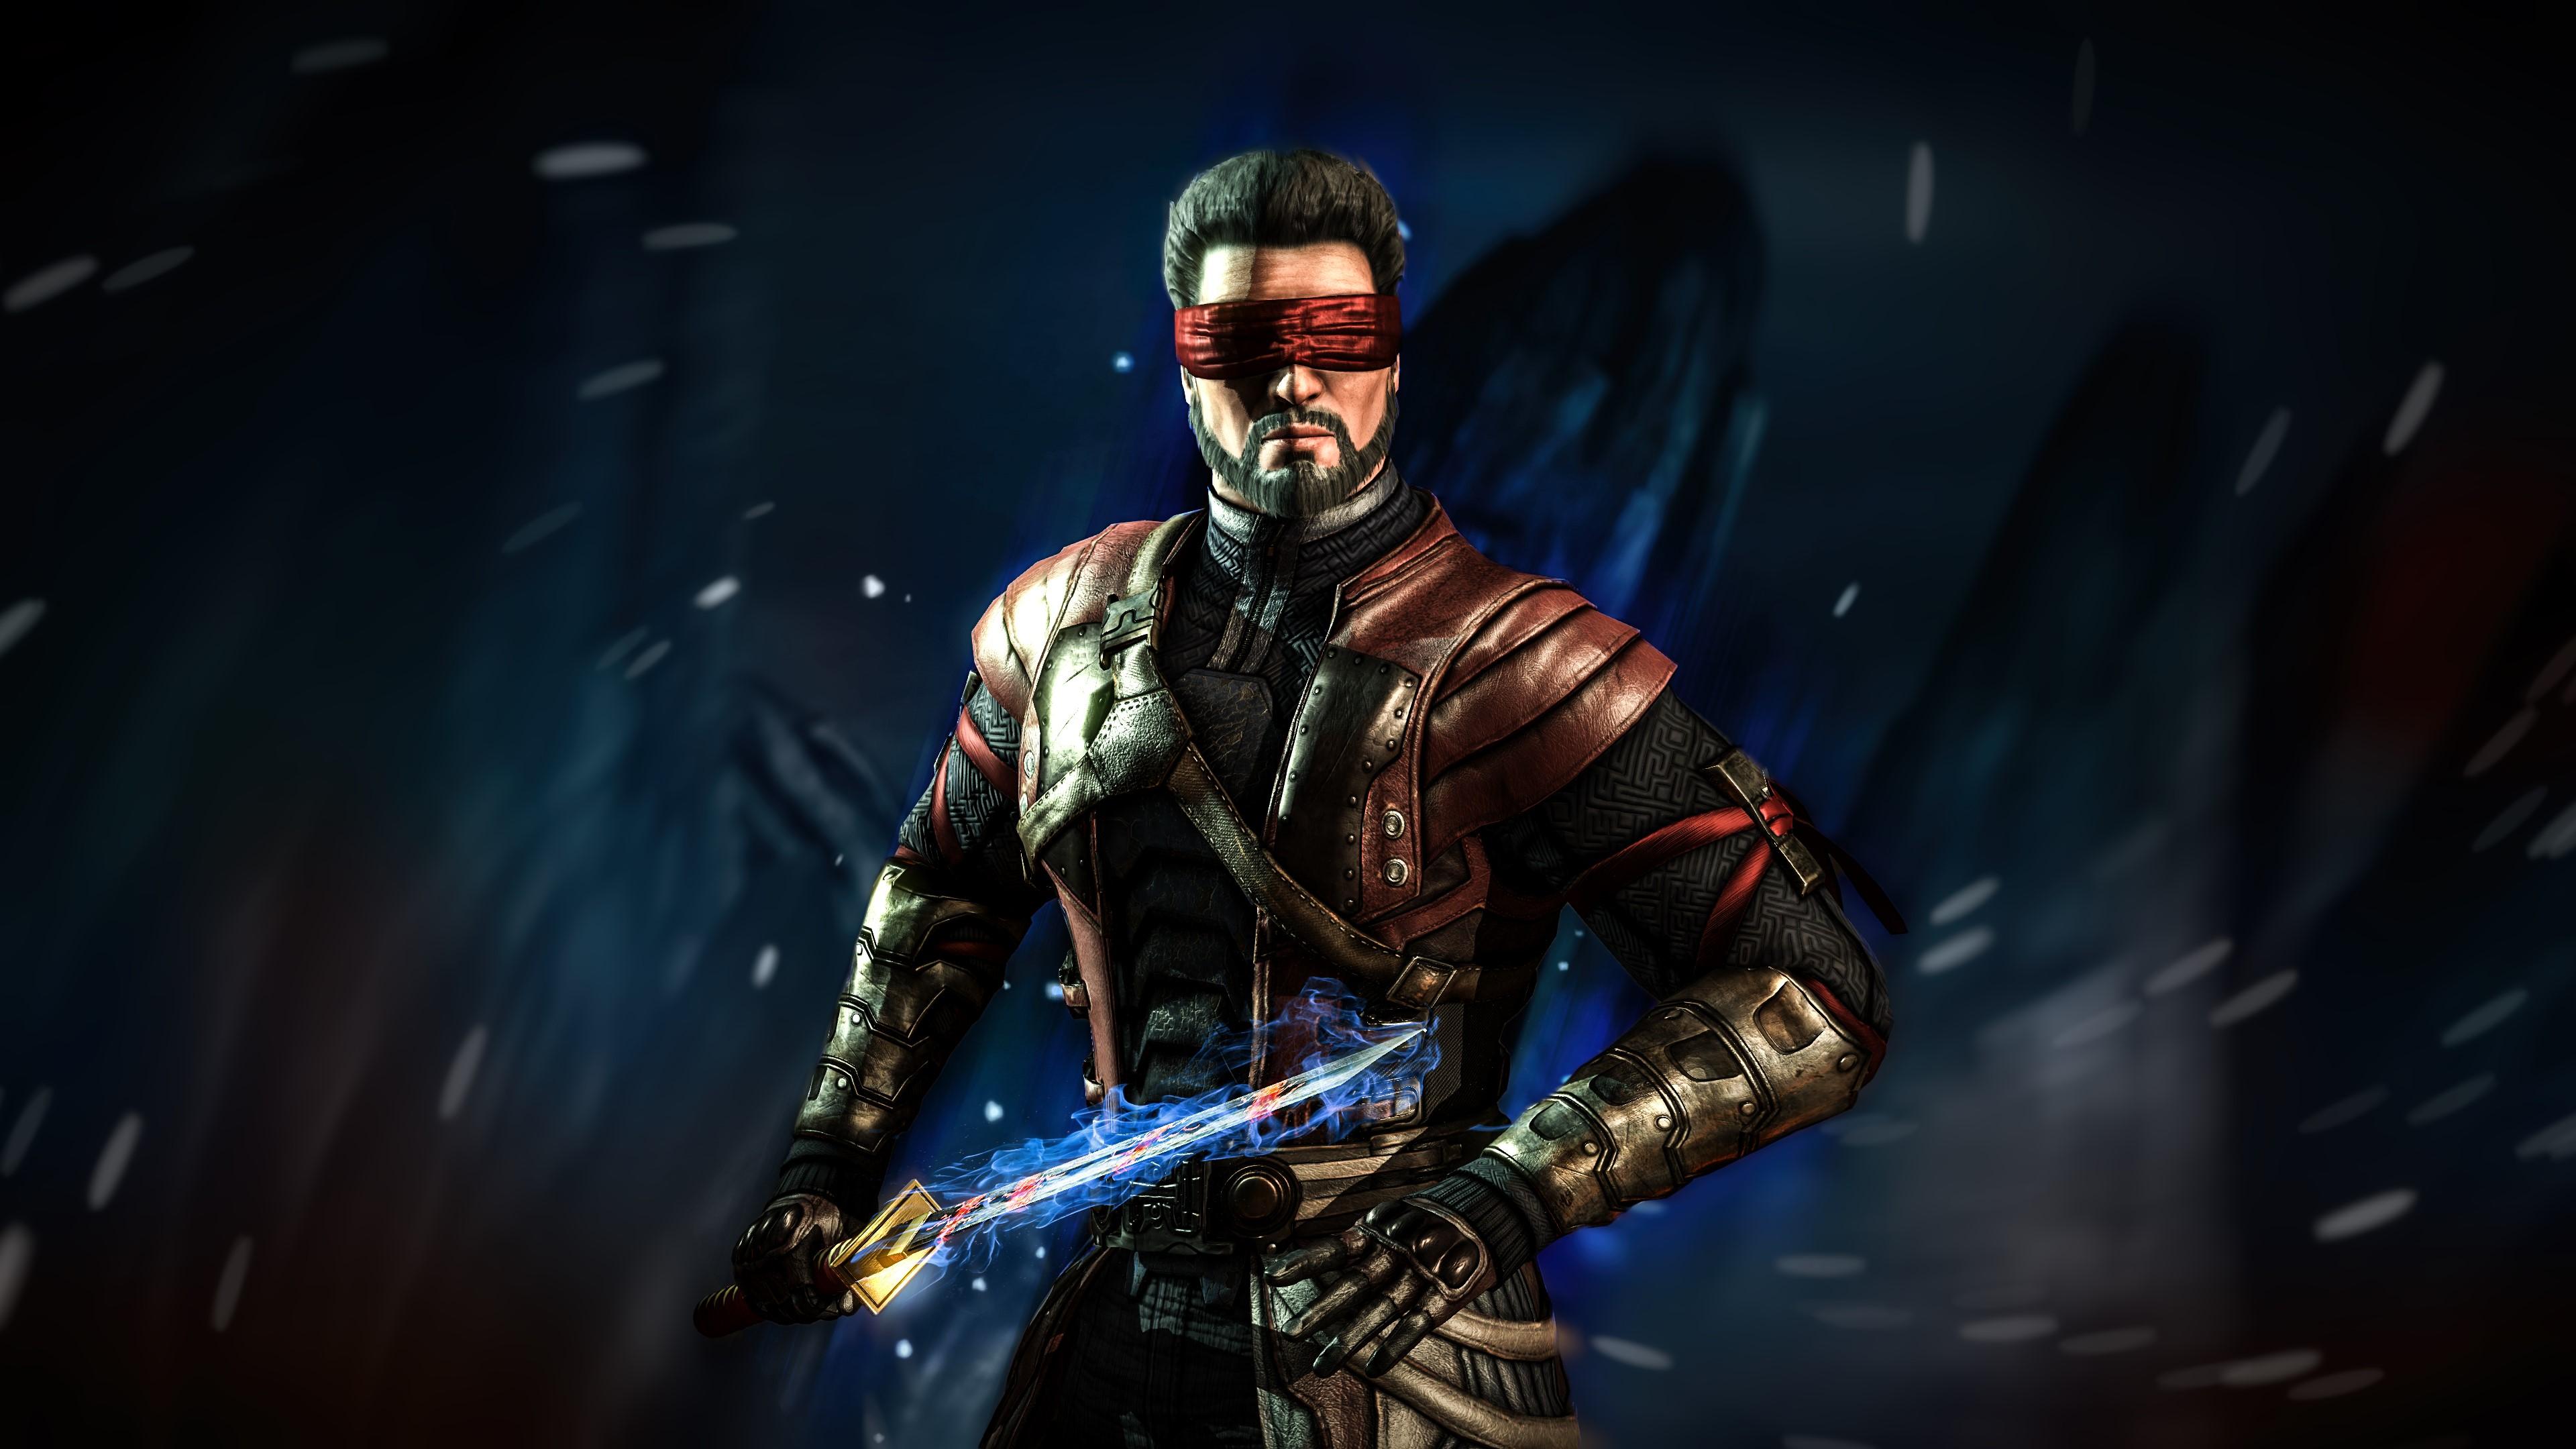 Mortal Kombat Background images